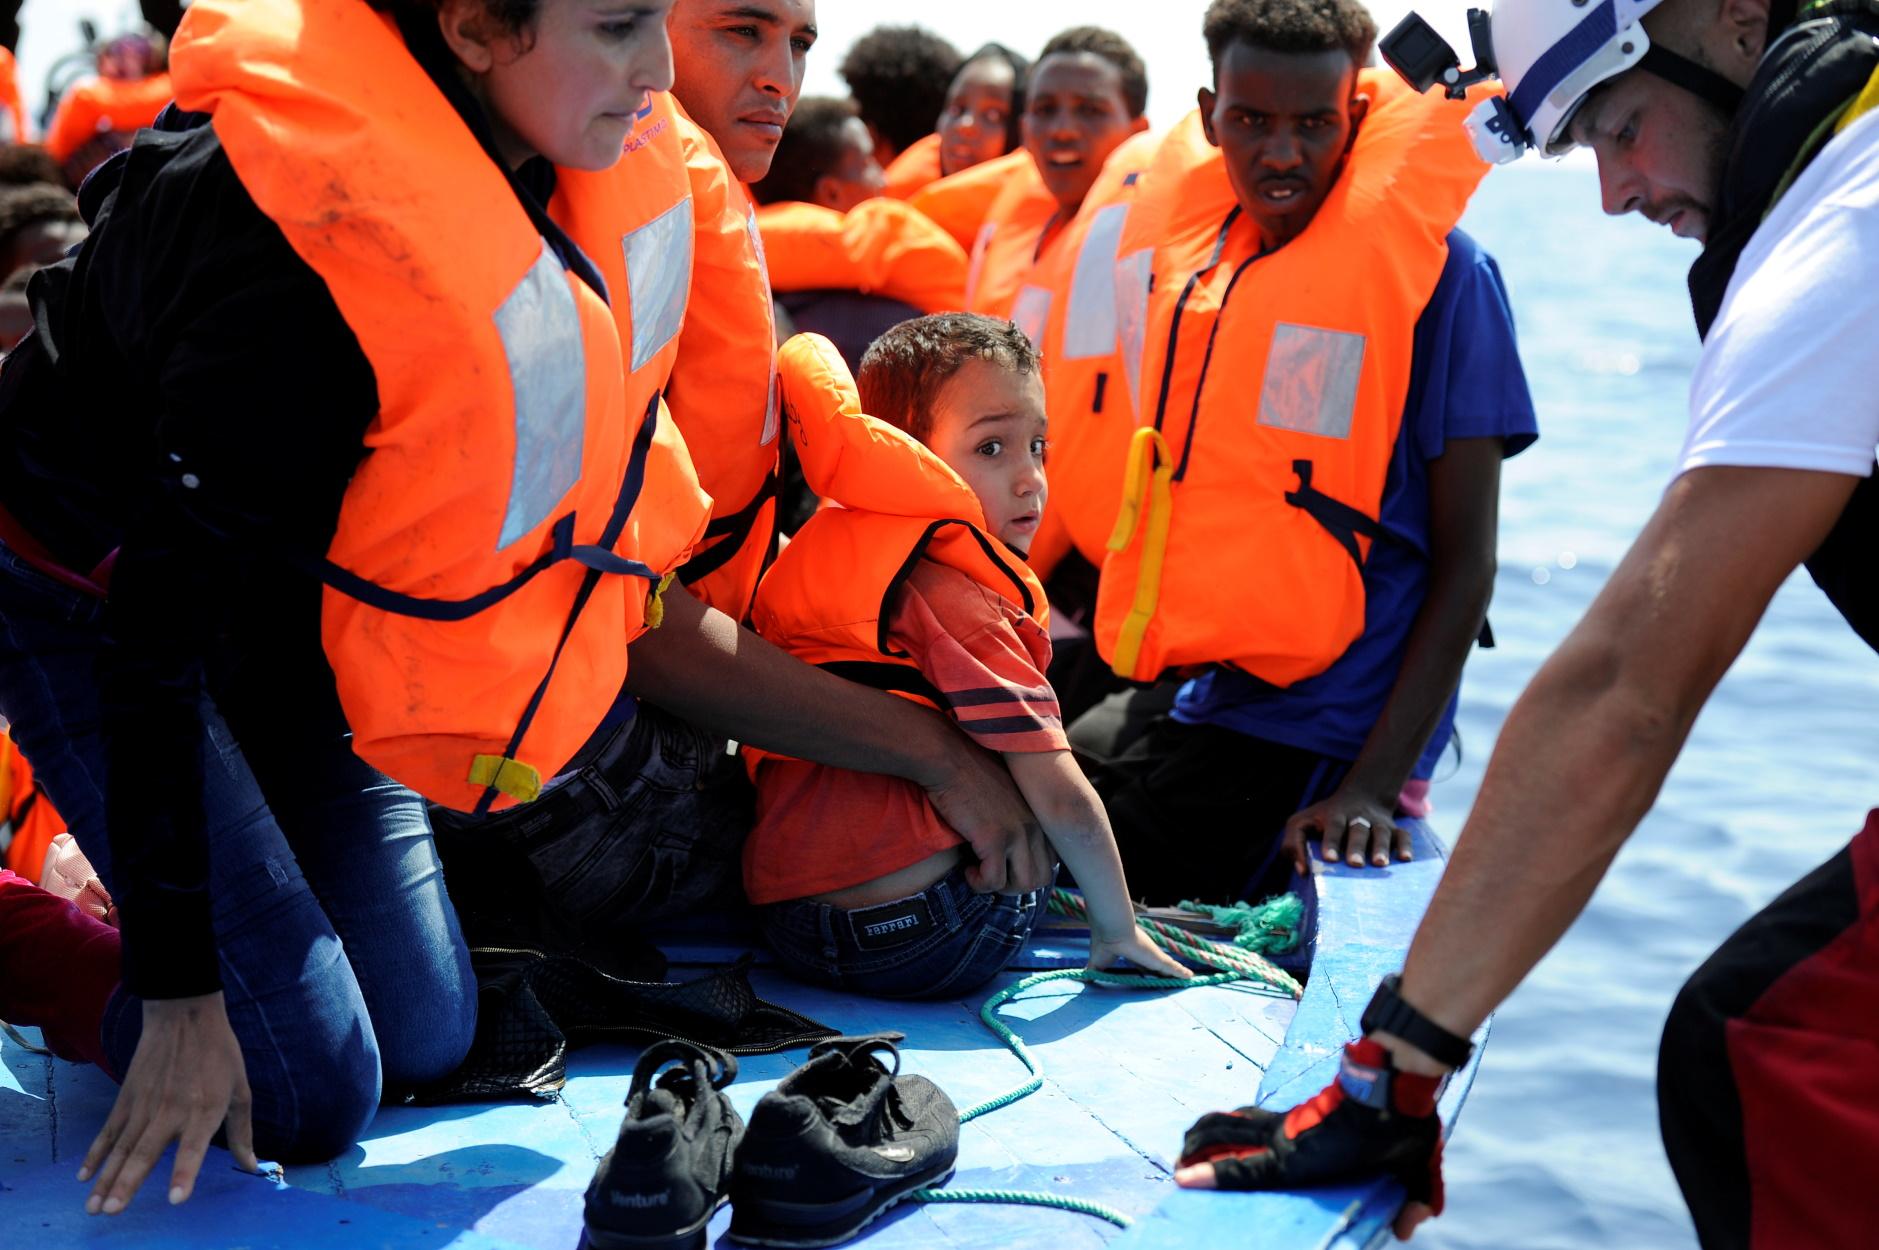 Μεταναστευτικό: Ασφαλής τρίτη χώρα για την Ελλάδα η Τουρκία – Τι σημαίνει για αιτούντες άσυλο